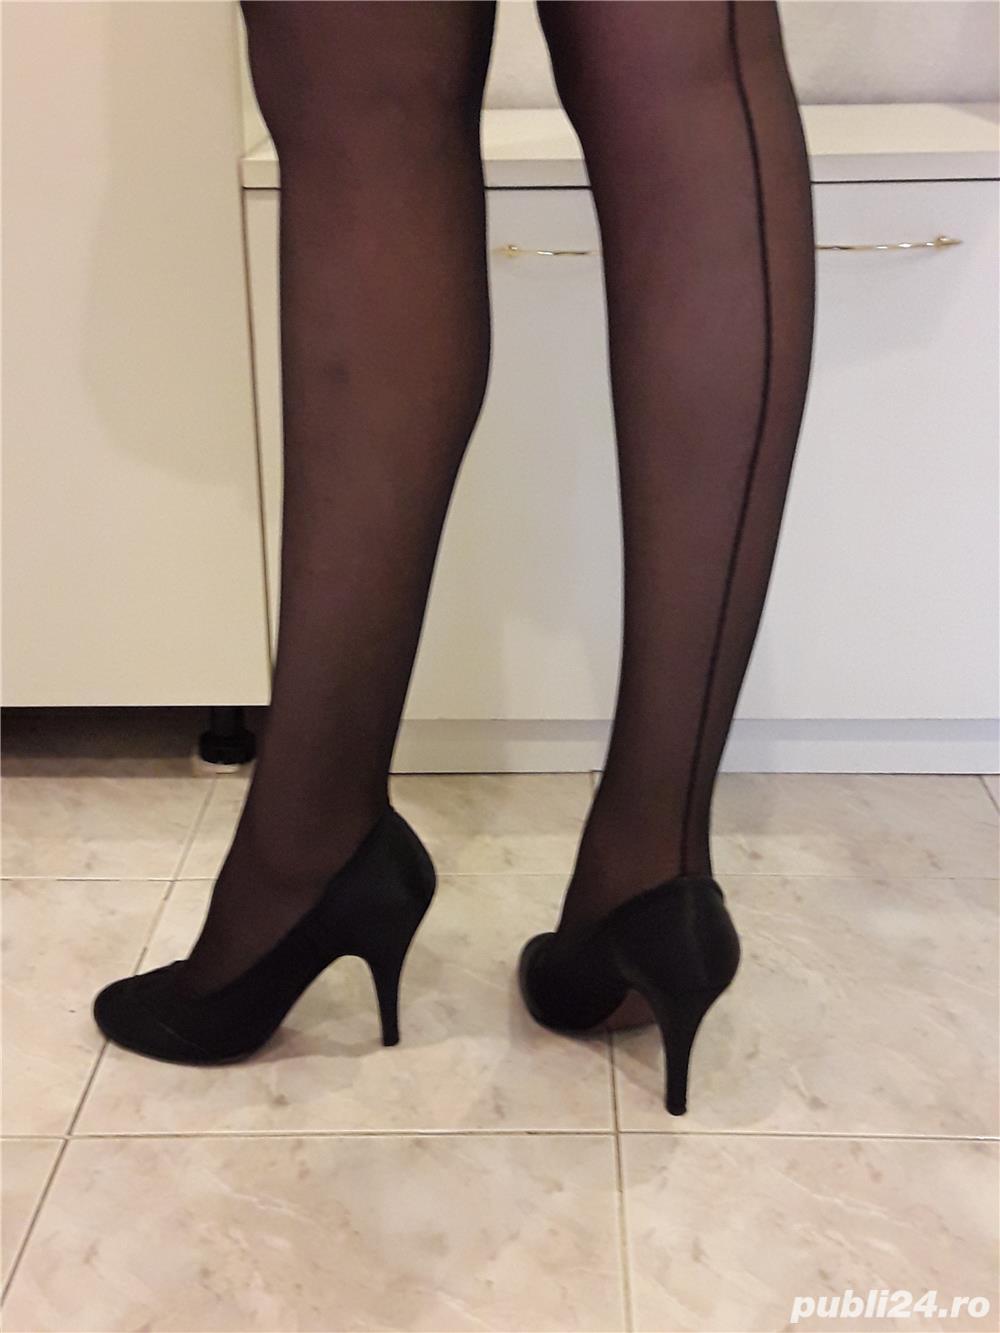 Vand pantofi negri satin+plasa delicata marimea 39